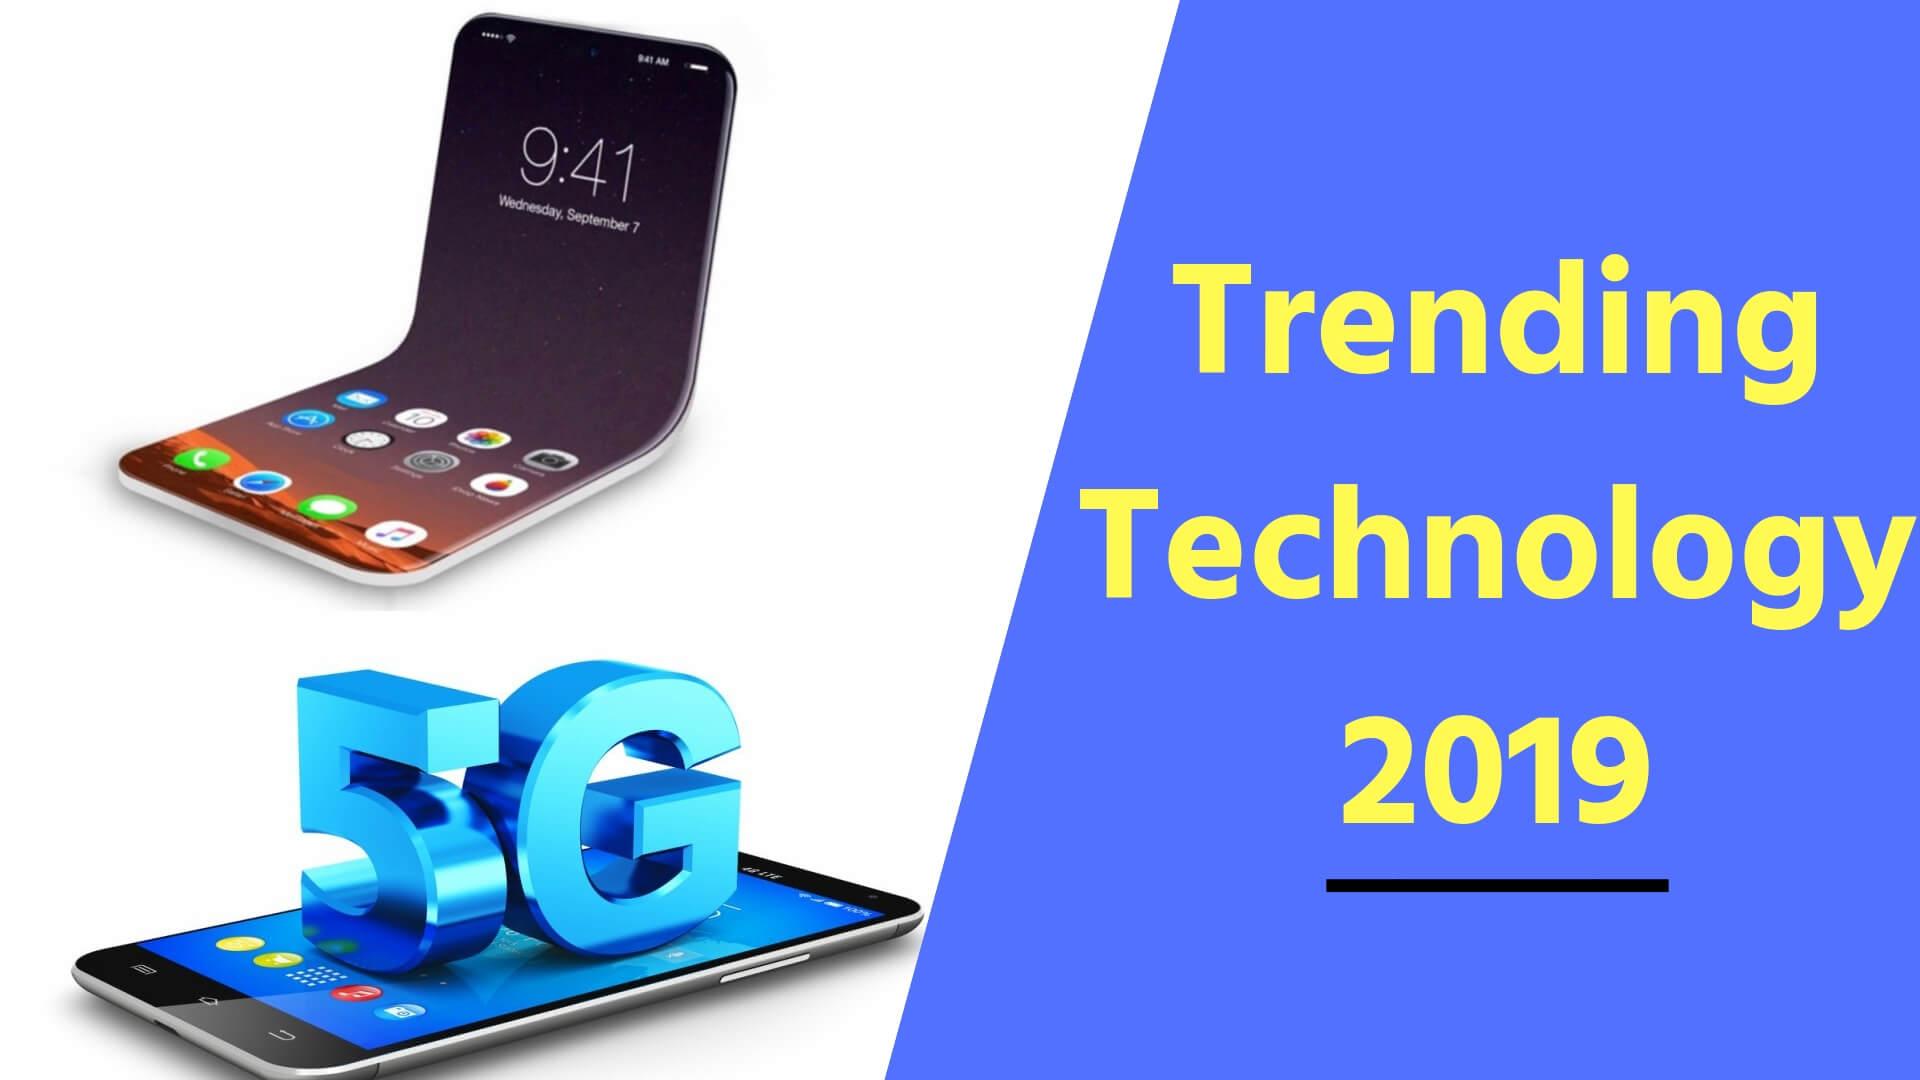 Trending Technology 2019